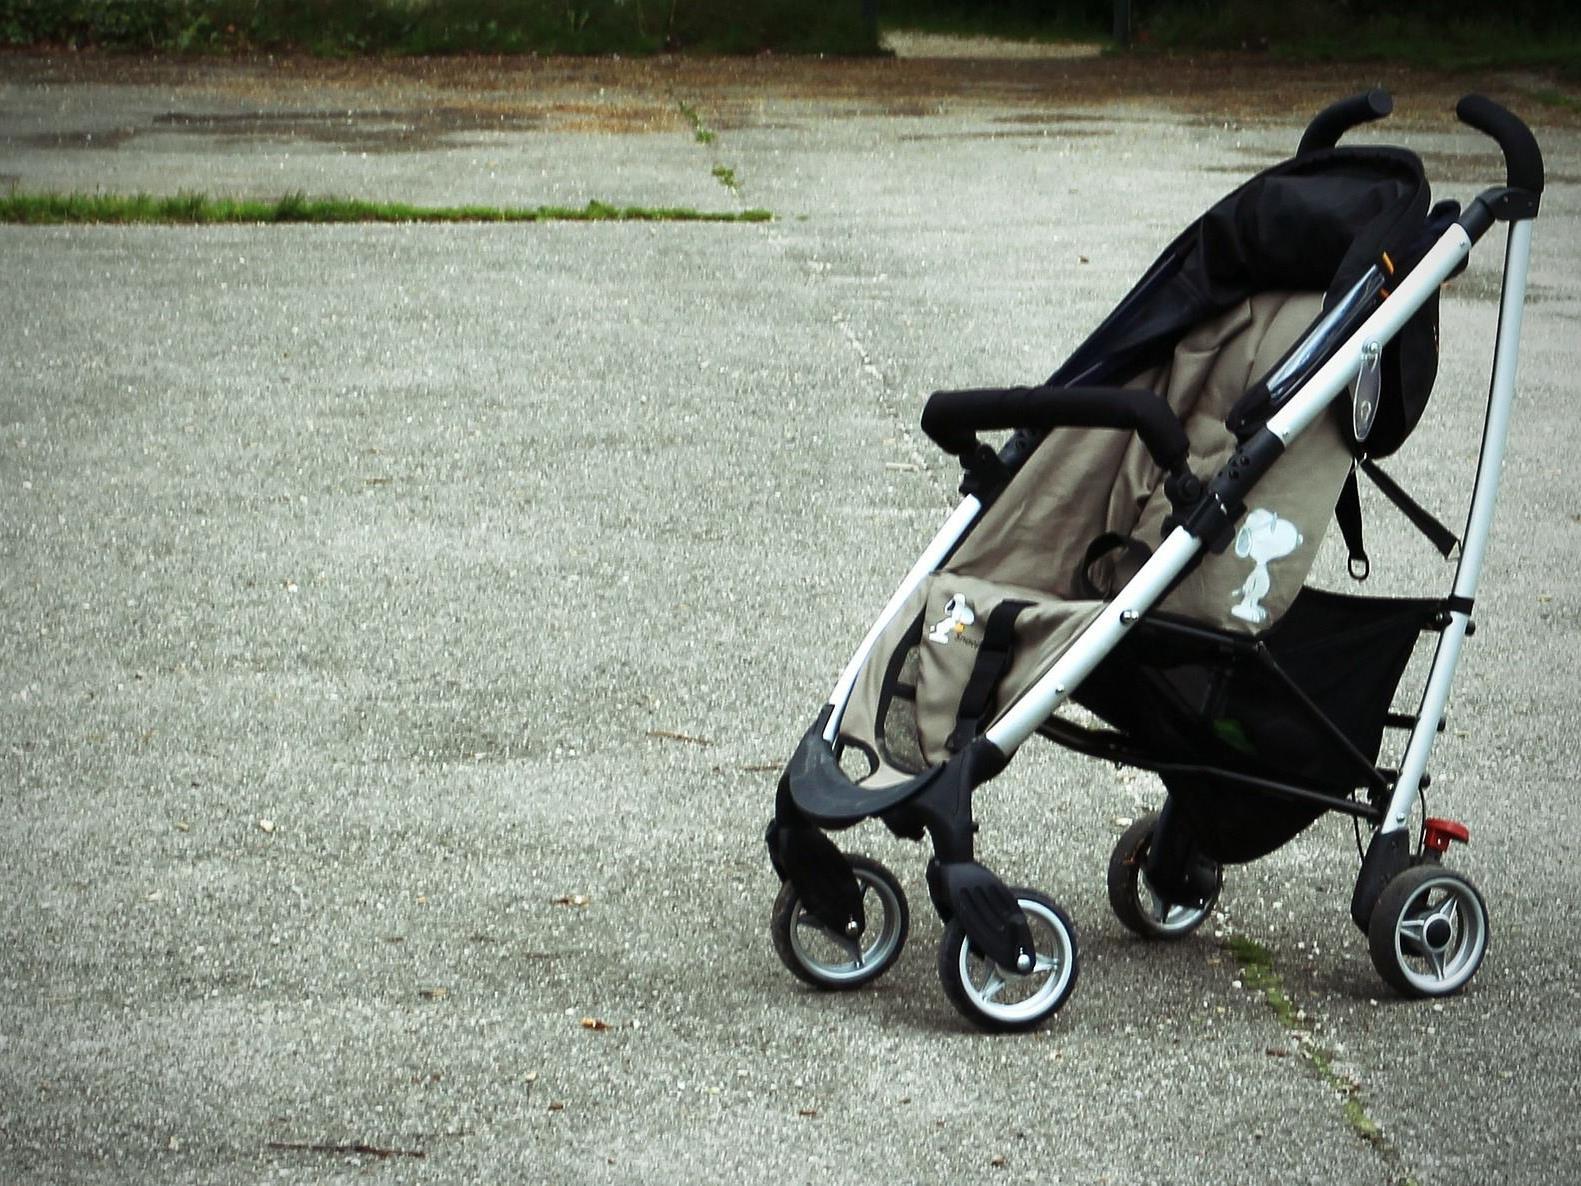 Die 32-Jährige stieß den Kinderwagen mit dem Kleinkind mehrmals gegen eine Mauer.